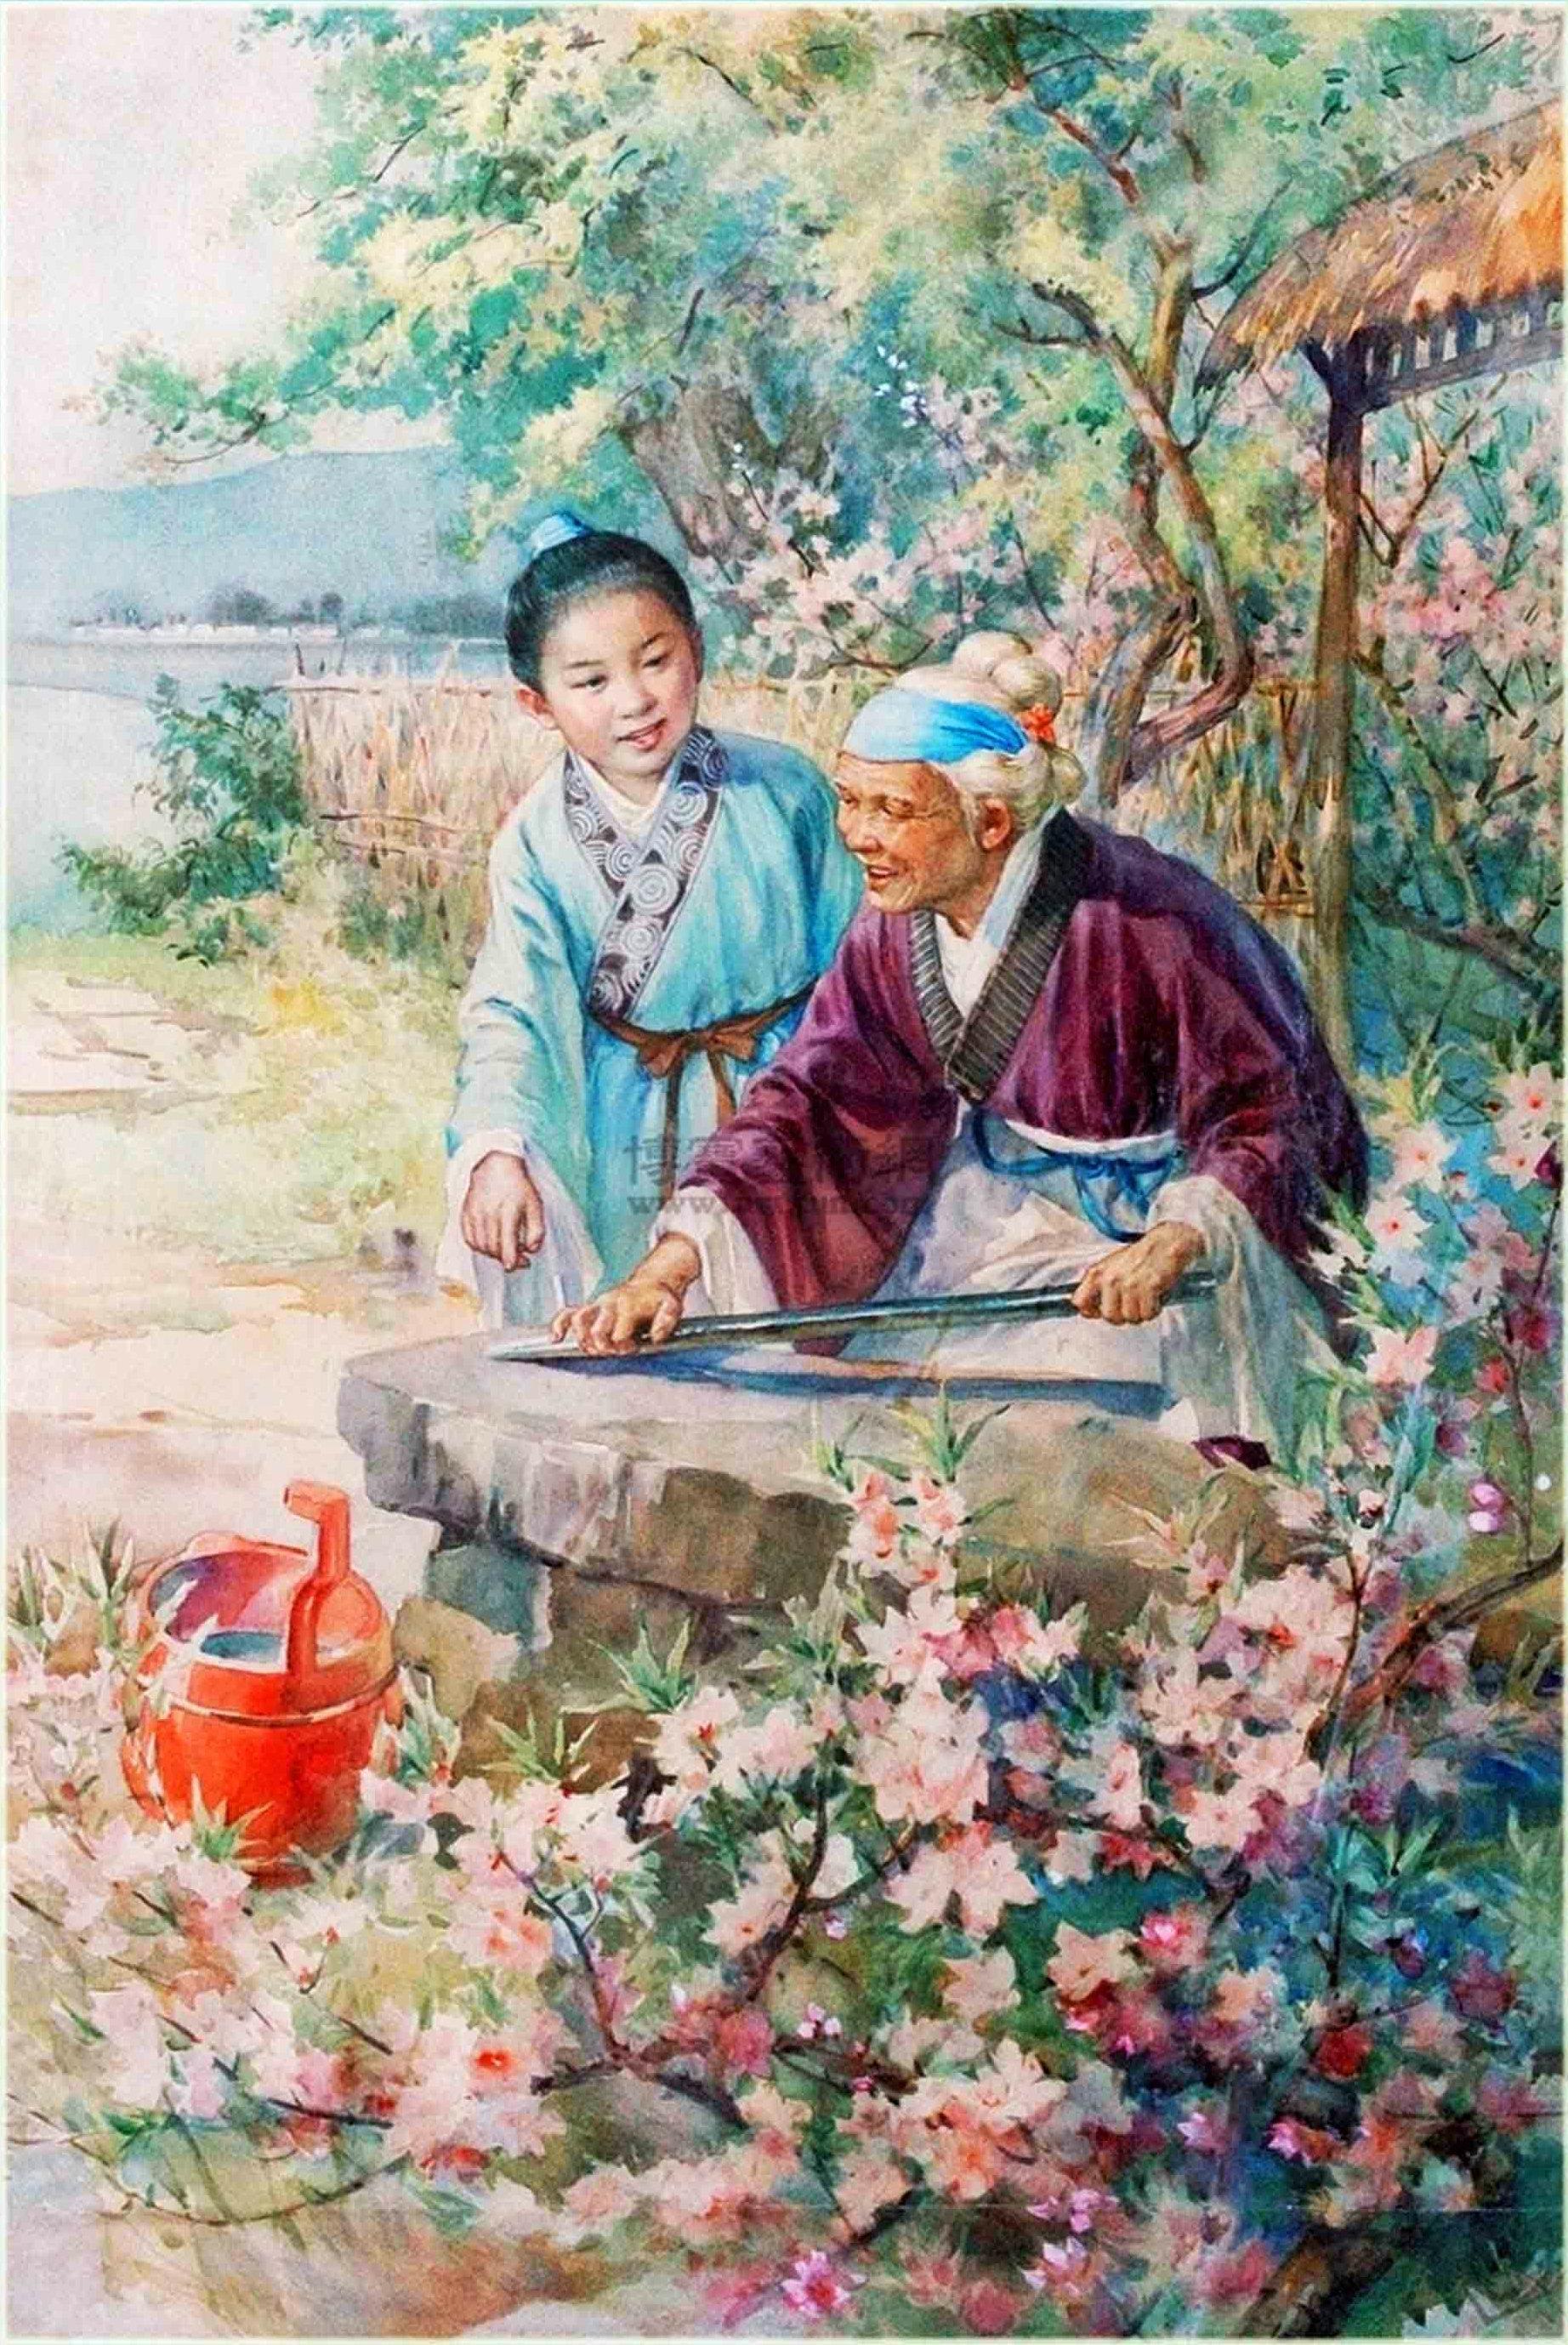 传统年画欣赏,张张精品,欢迎收藏